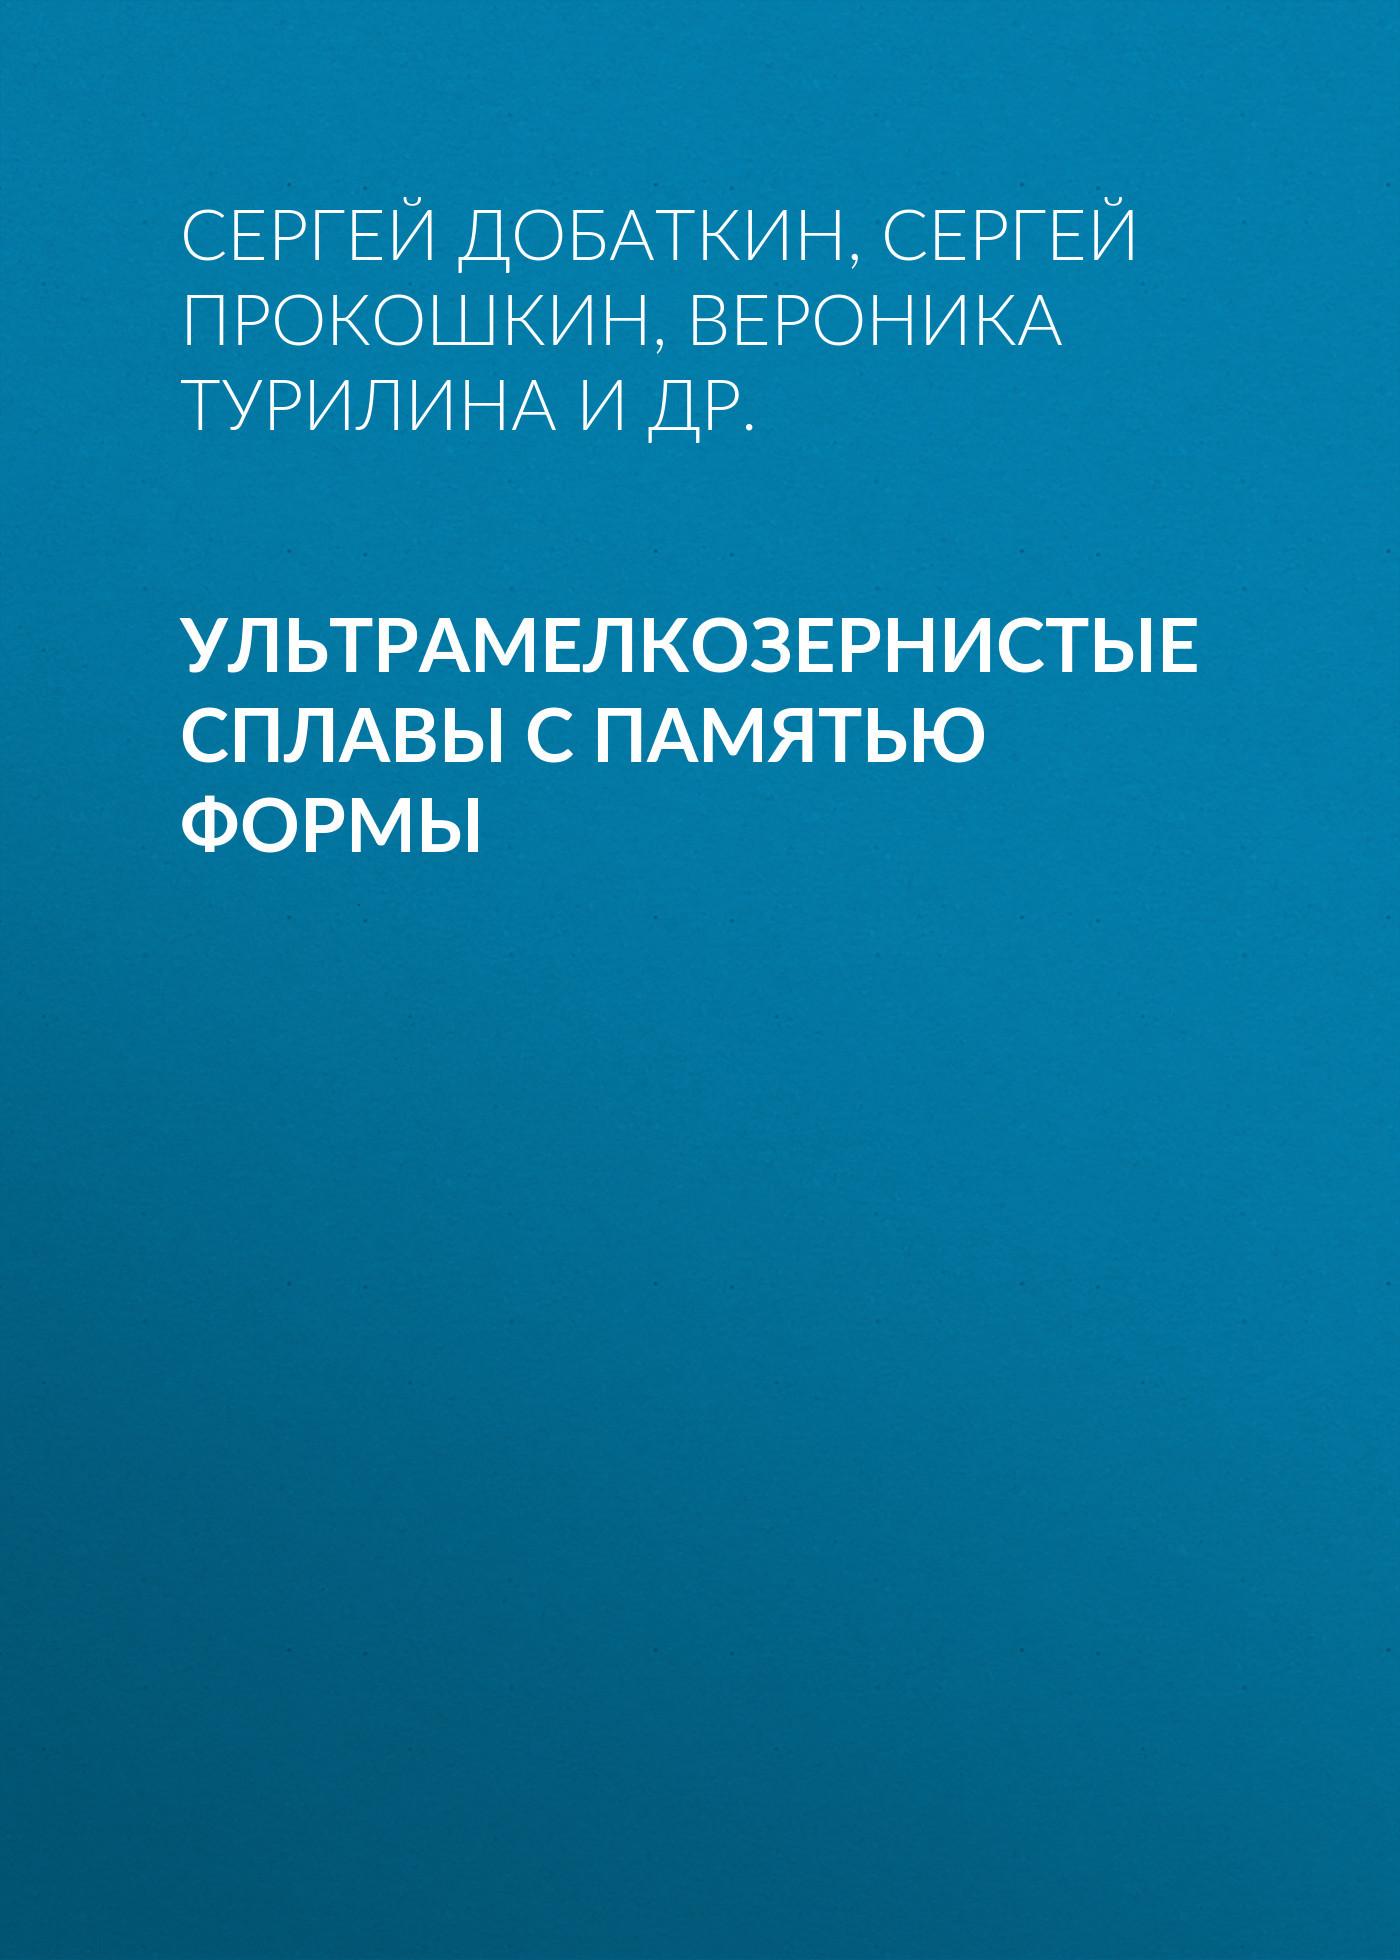 Сергей Добаткин бесплатно